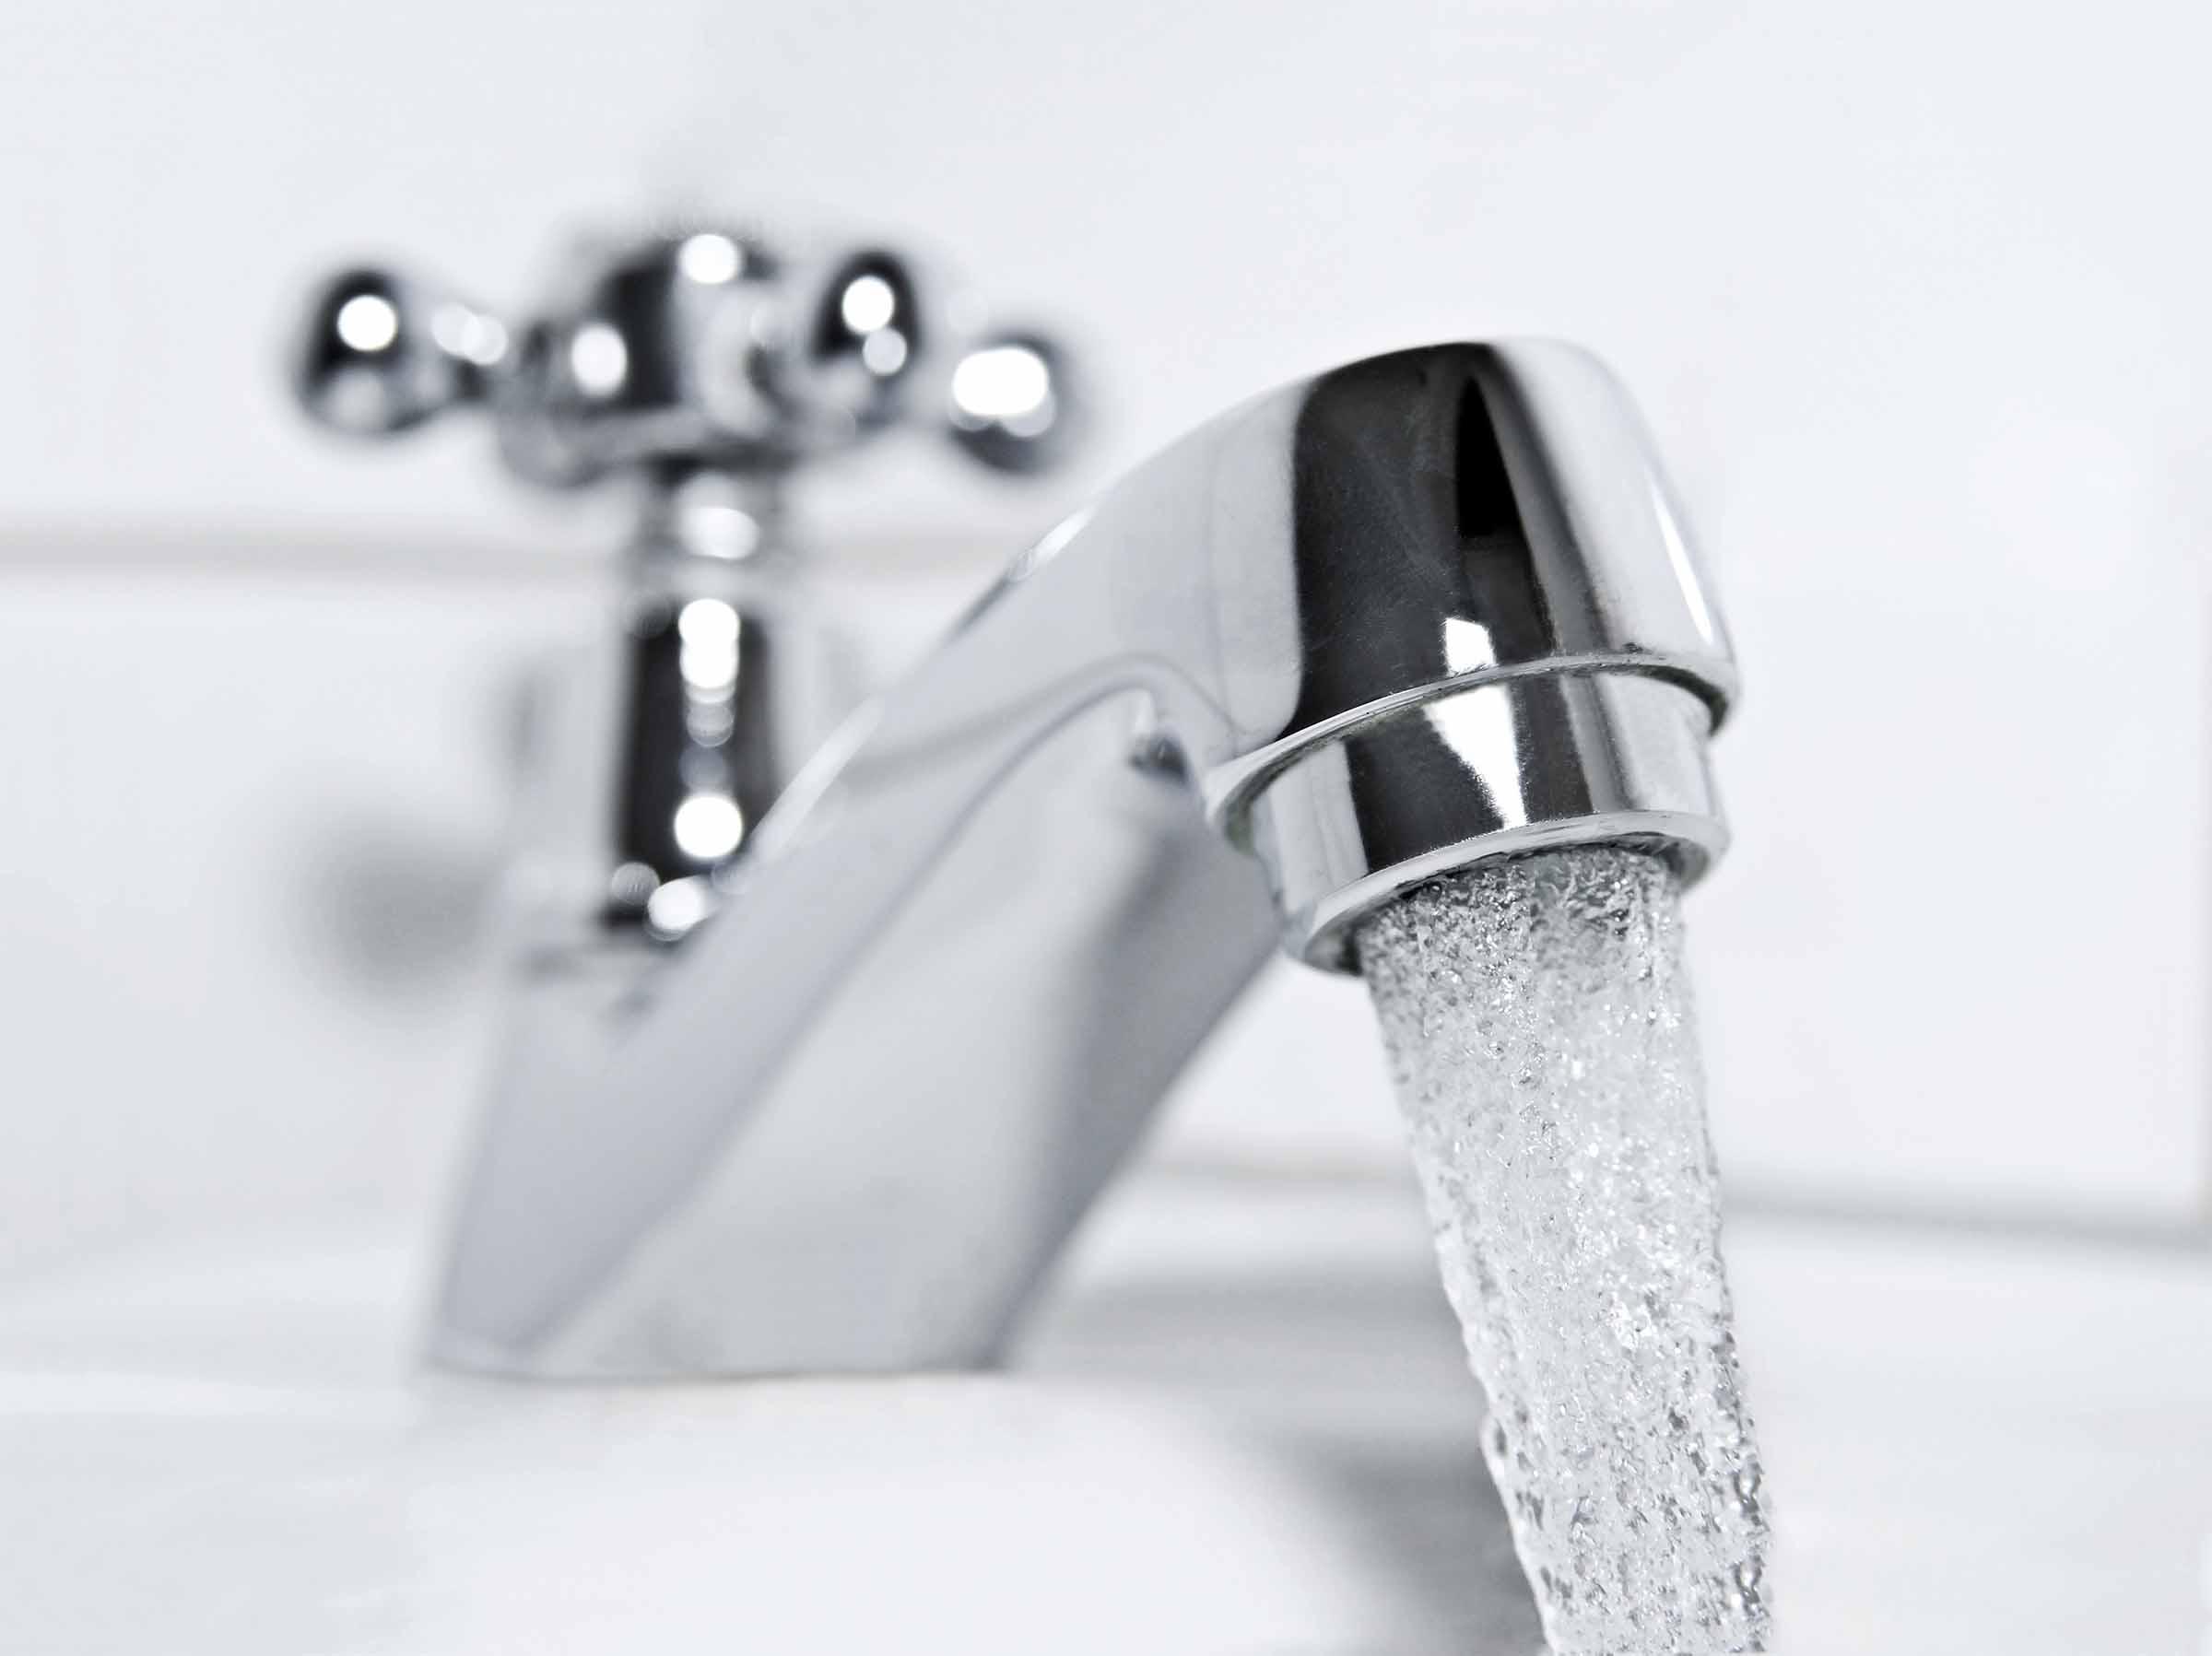 anwendungen/Trinkwasser/tovasan-trinkwasser-desinfektion.jpg